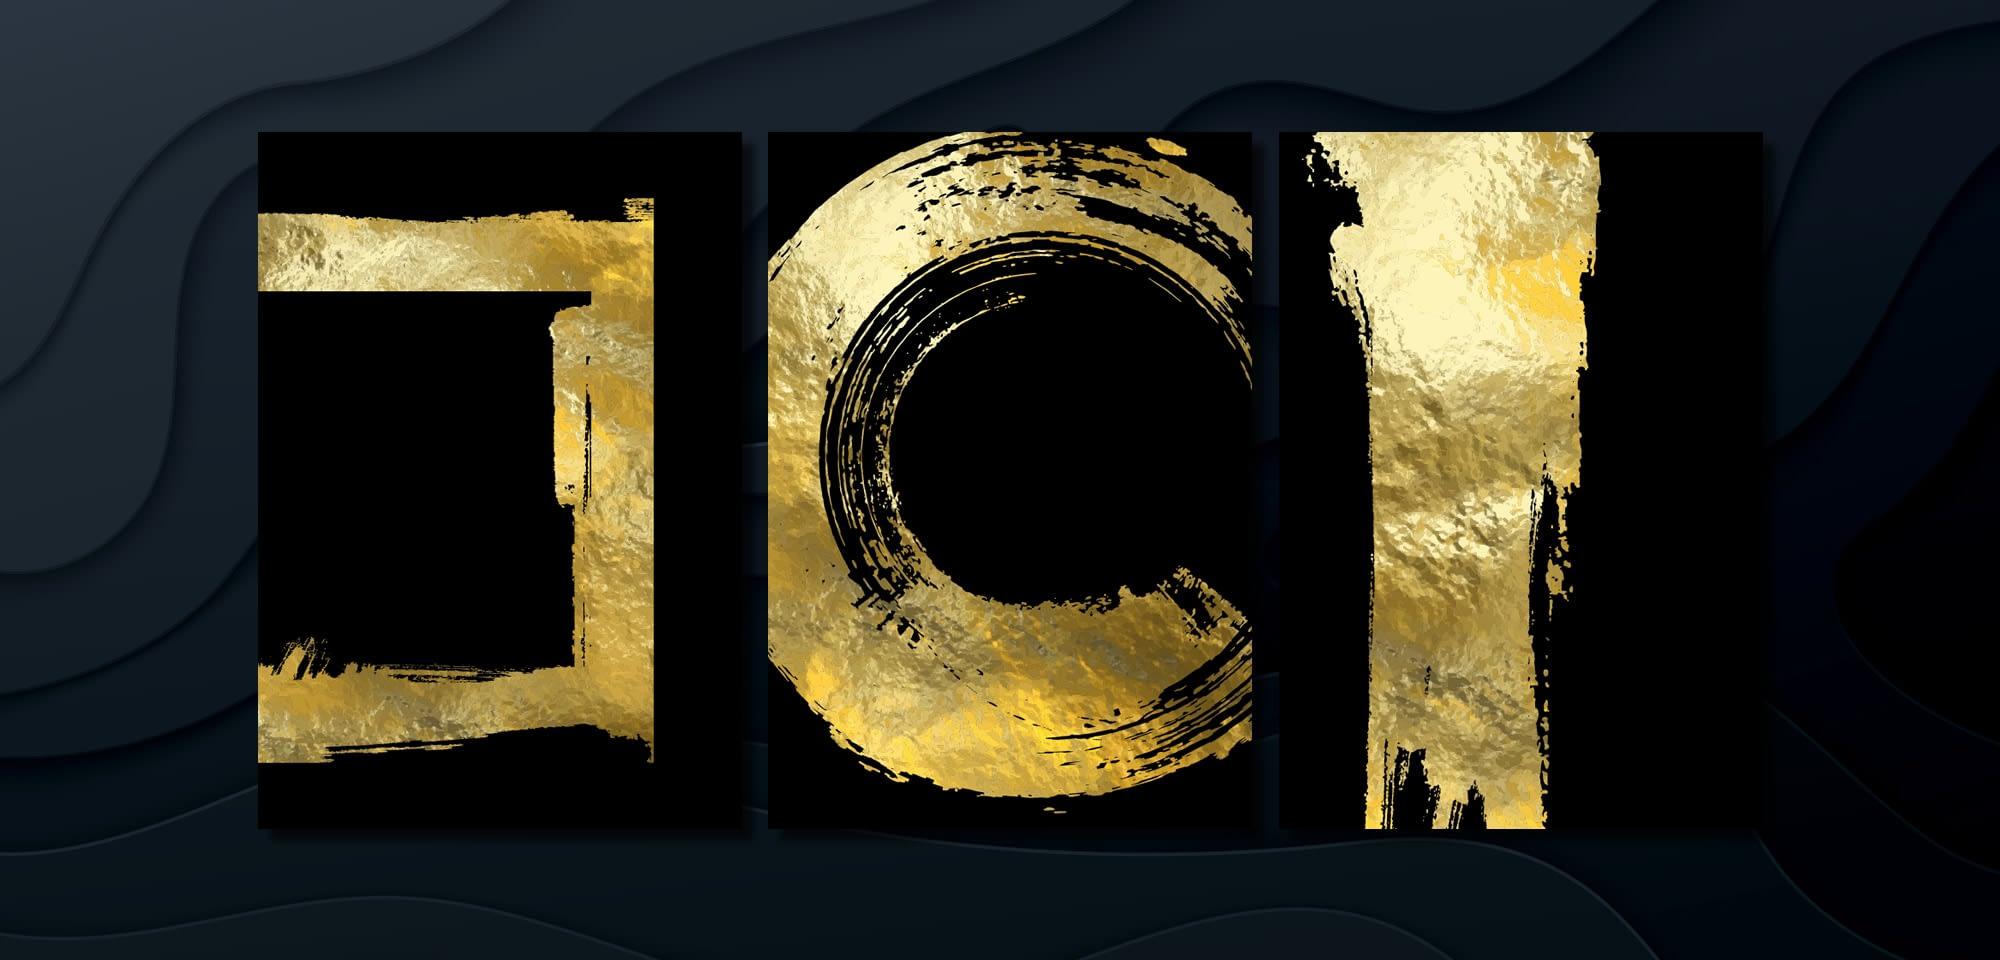 Gold ink on black card